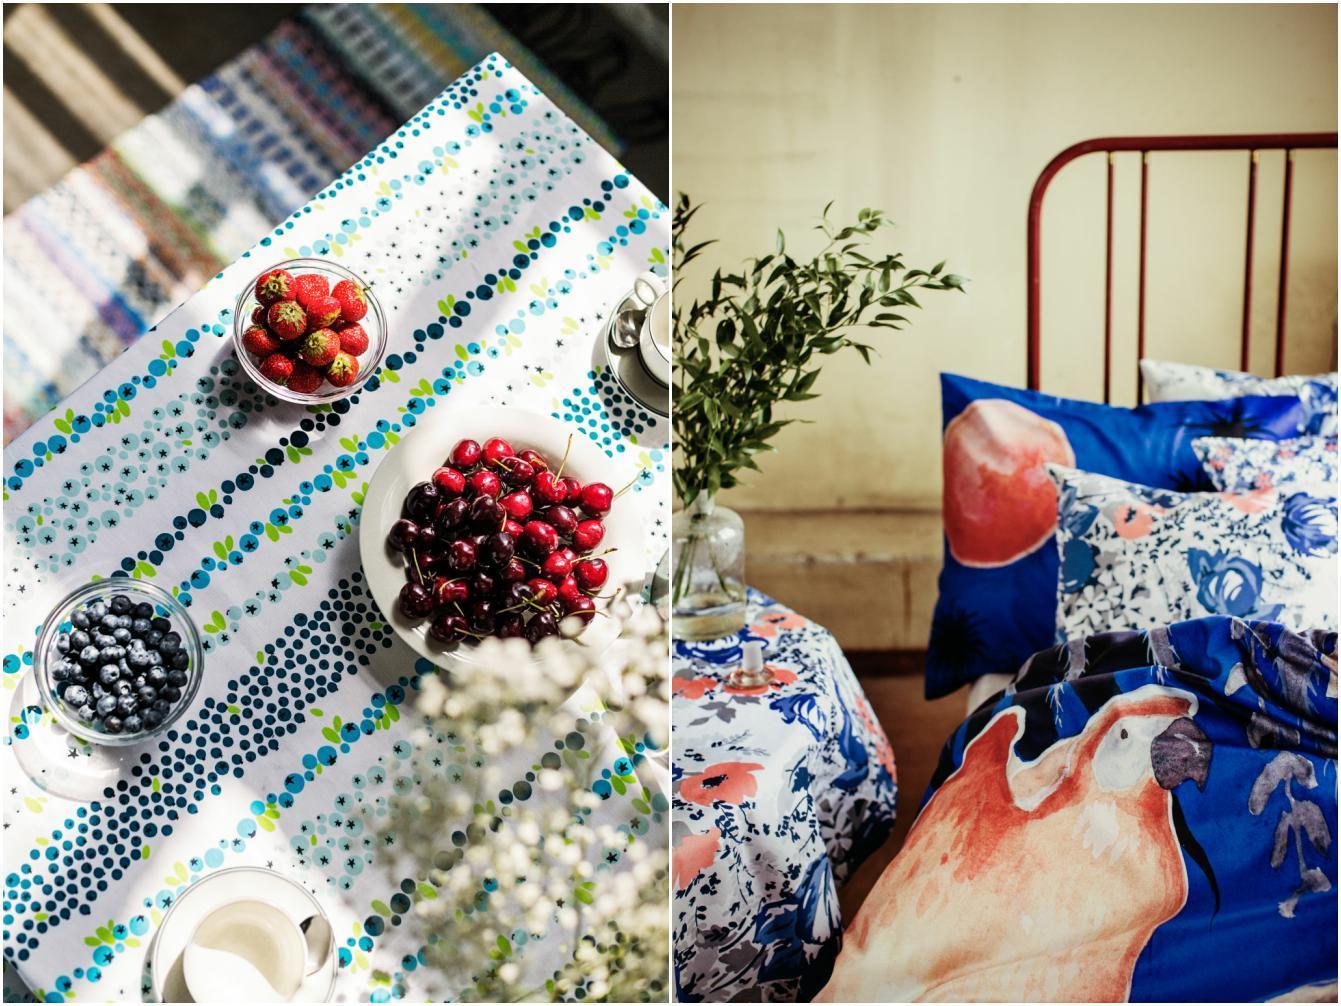 90%芬兰家庭都拥有的百年家纺品牌,能否从中国市场分一杯羹?